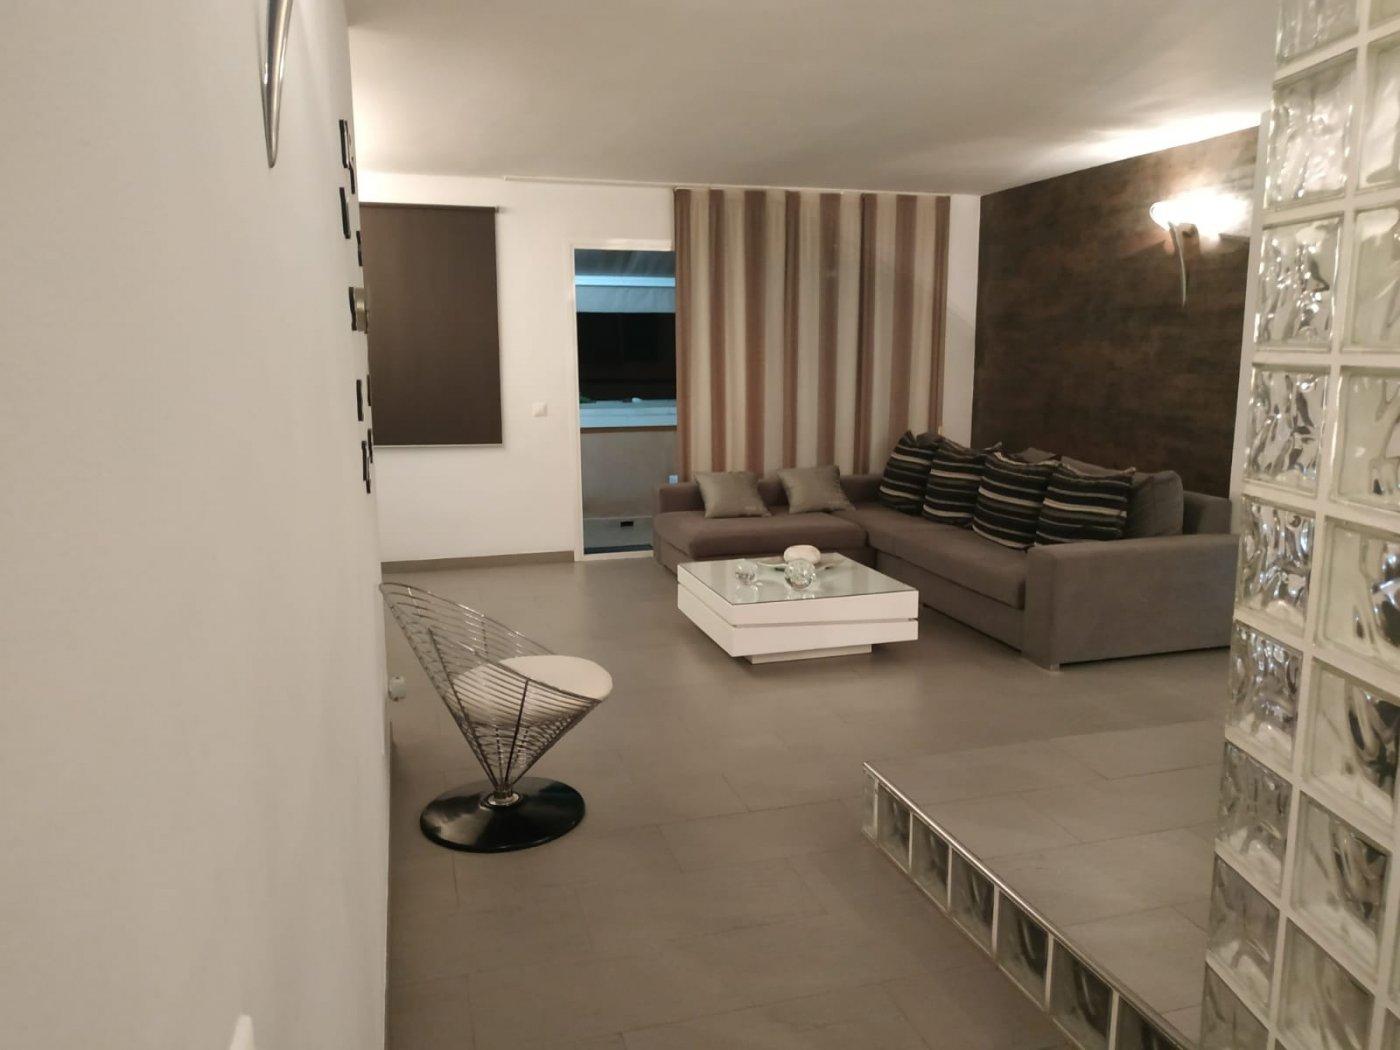 Se vende bonito apartamento semi nuevo con parking en andratx - imagenInmueble7